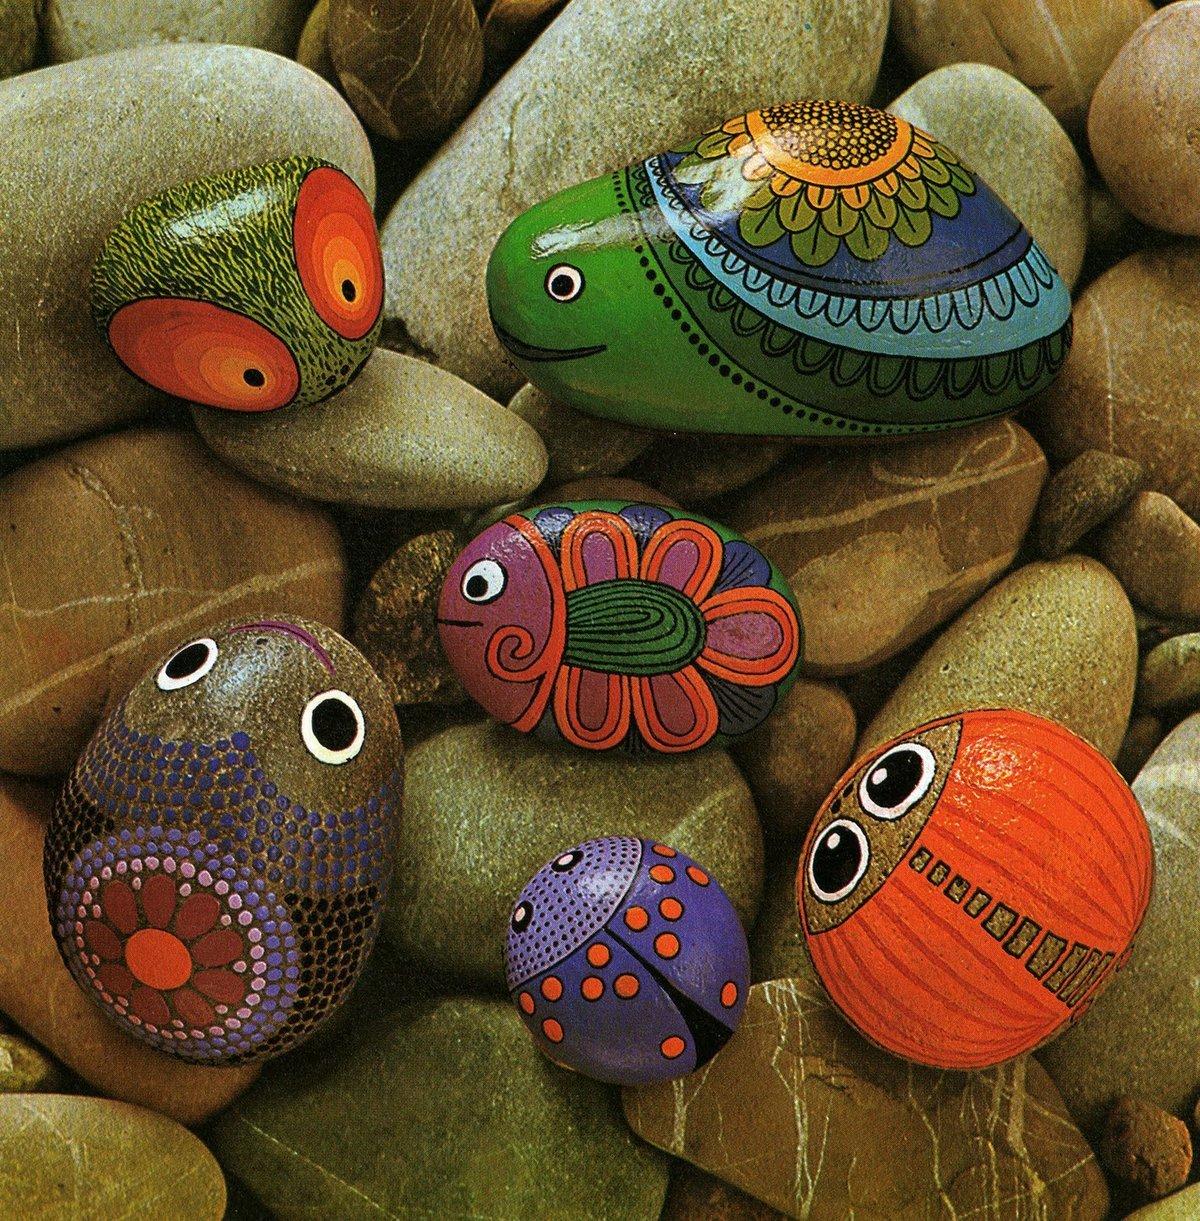 привлекаем сотрудничеству рисуем на камнях для сада фото способы изображения